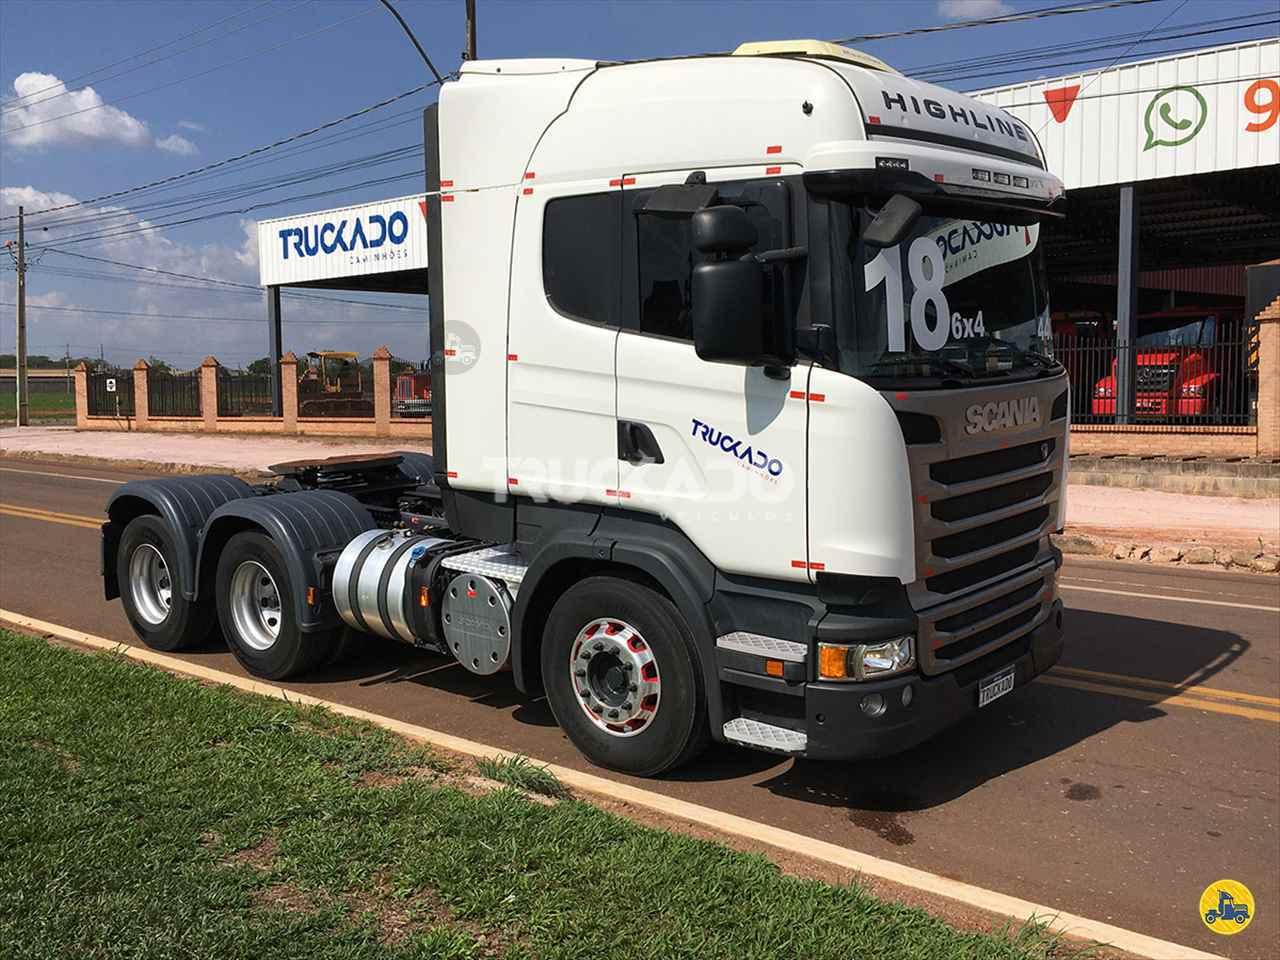 SCANIA 440 de Truckado Veículos - CURITIBA/PR